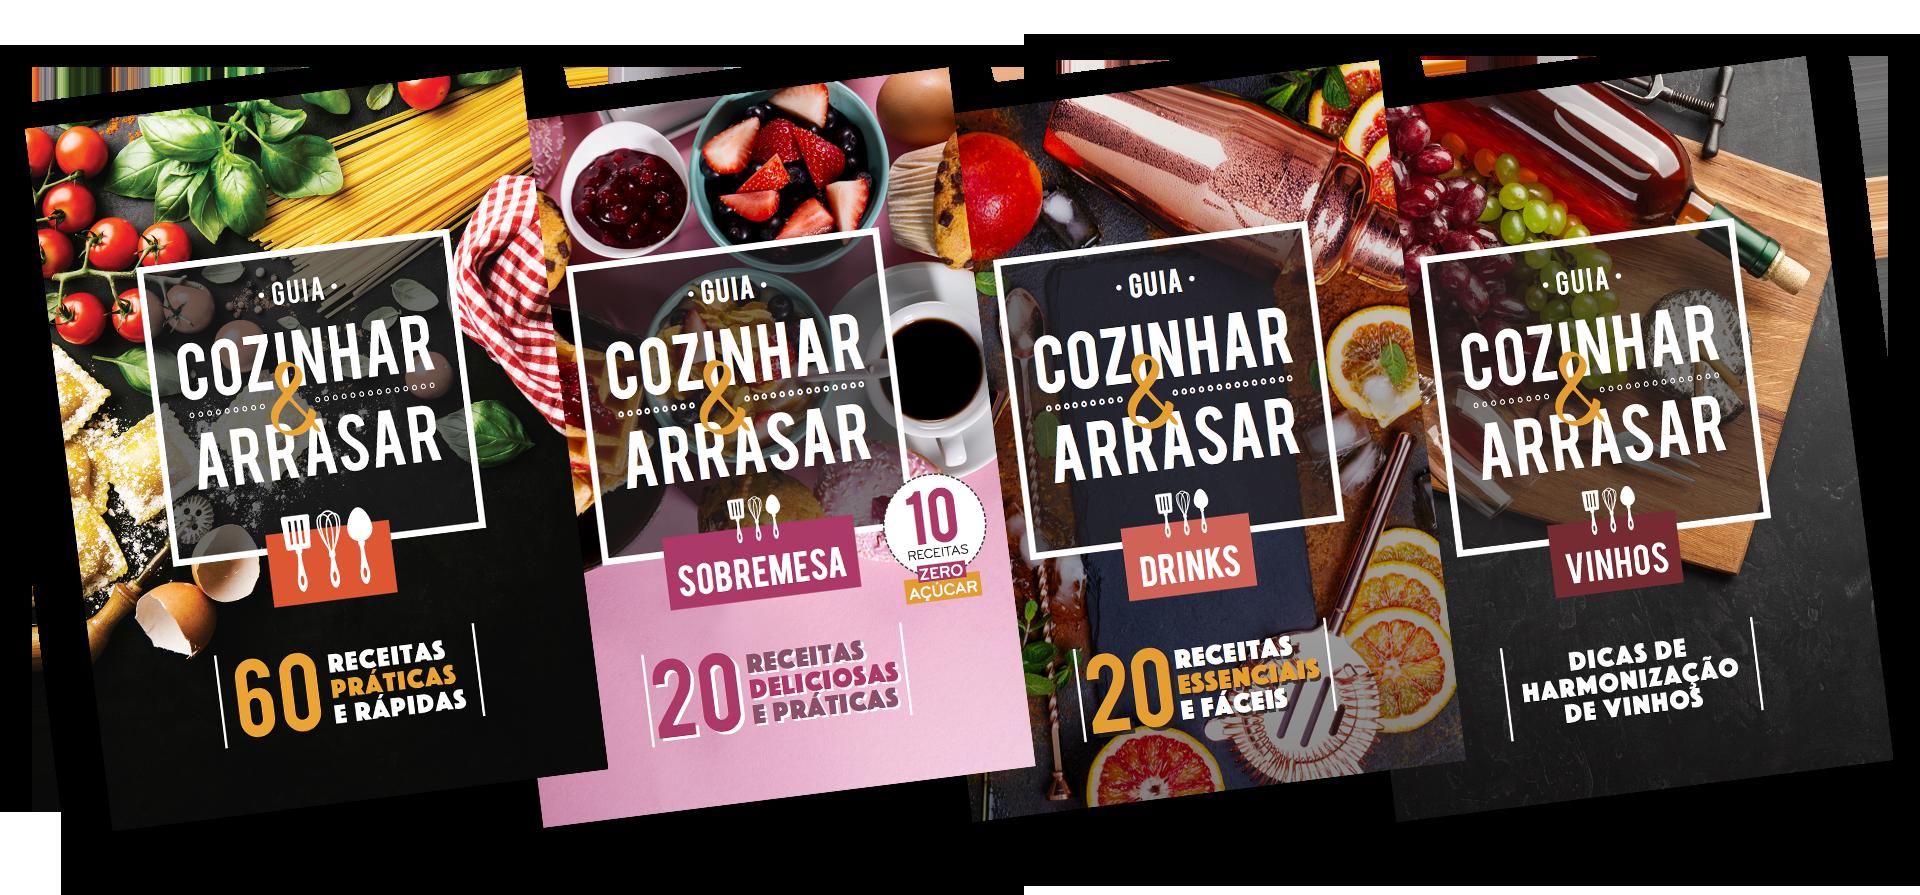 Guias Cozinhar & Arrasar